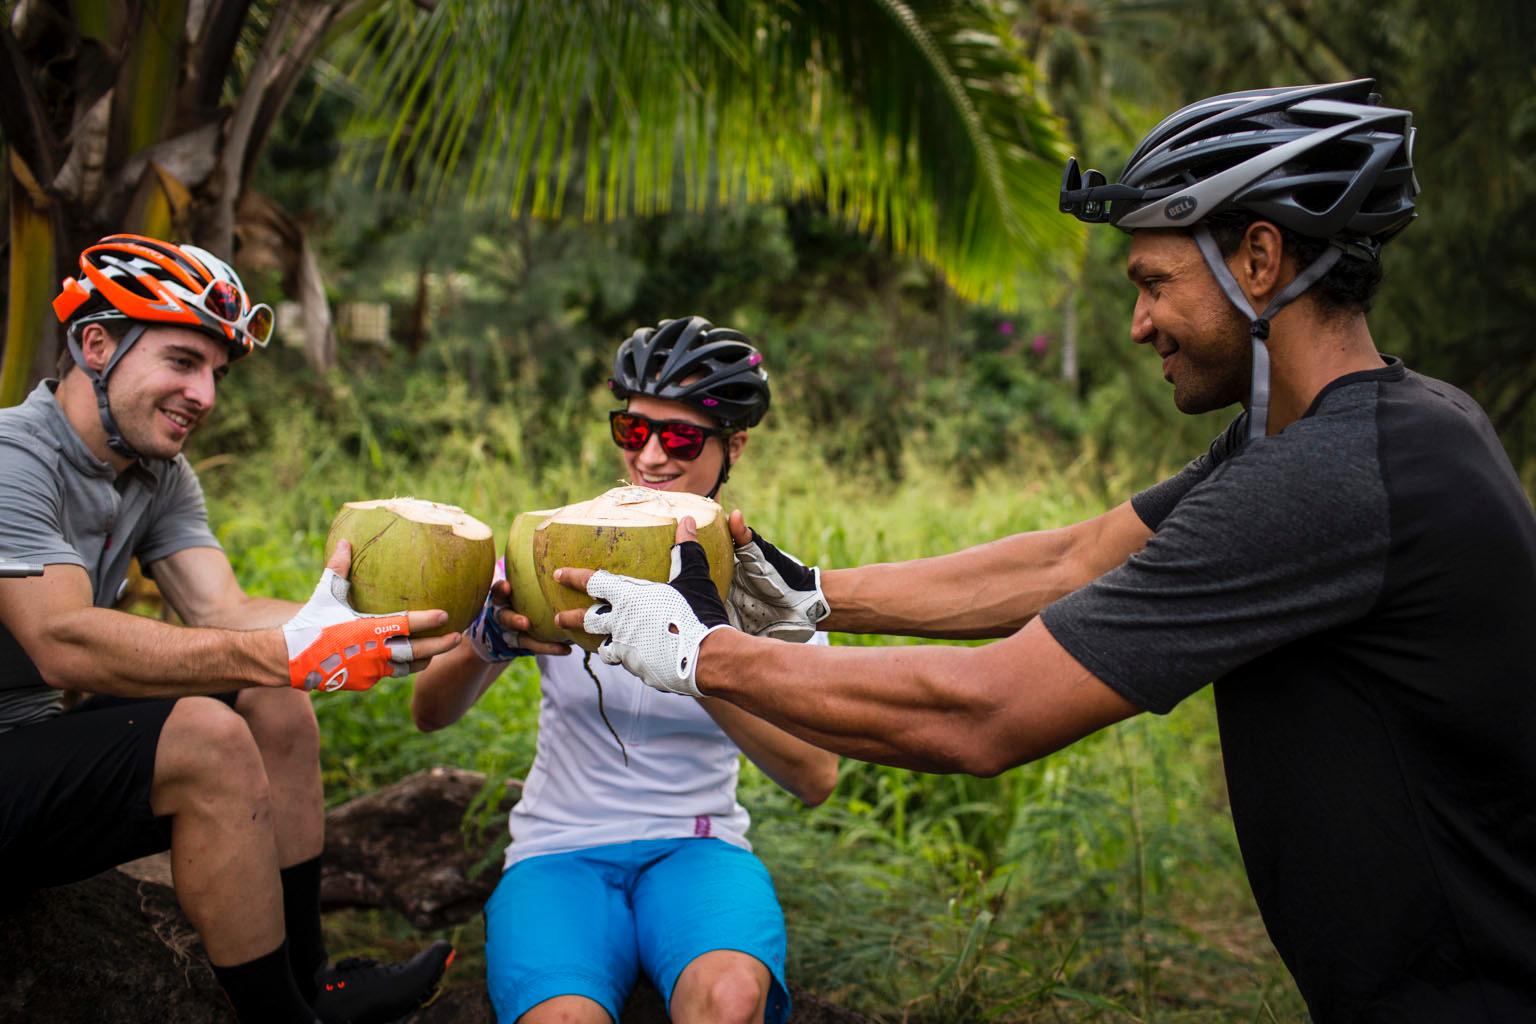 Inaugural Pedal Imua Gran Fondo Benefit Planned